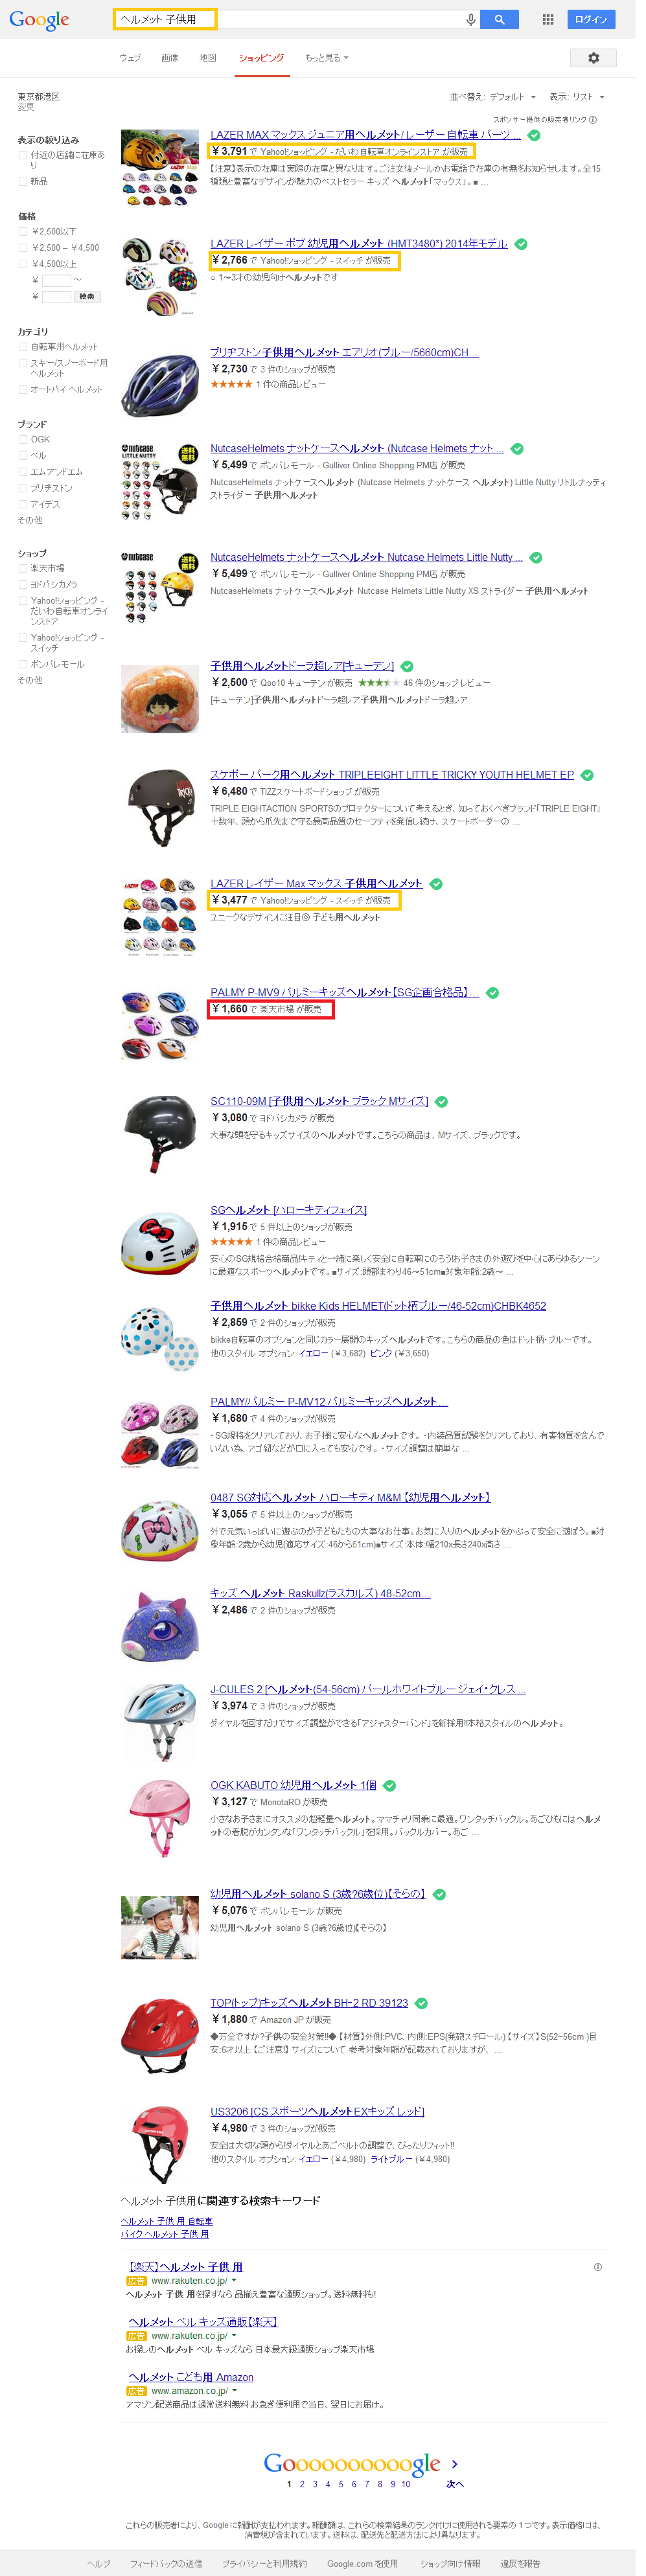 ヘルメット 子供用   Google 検索_s.png